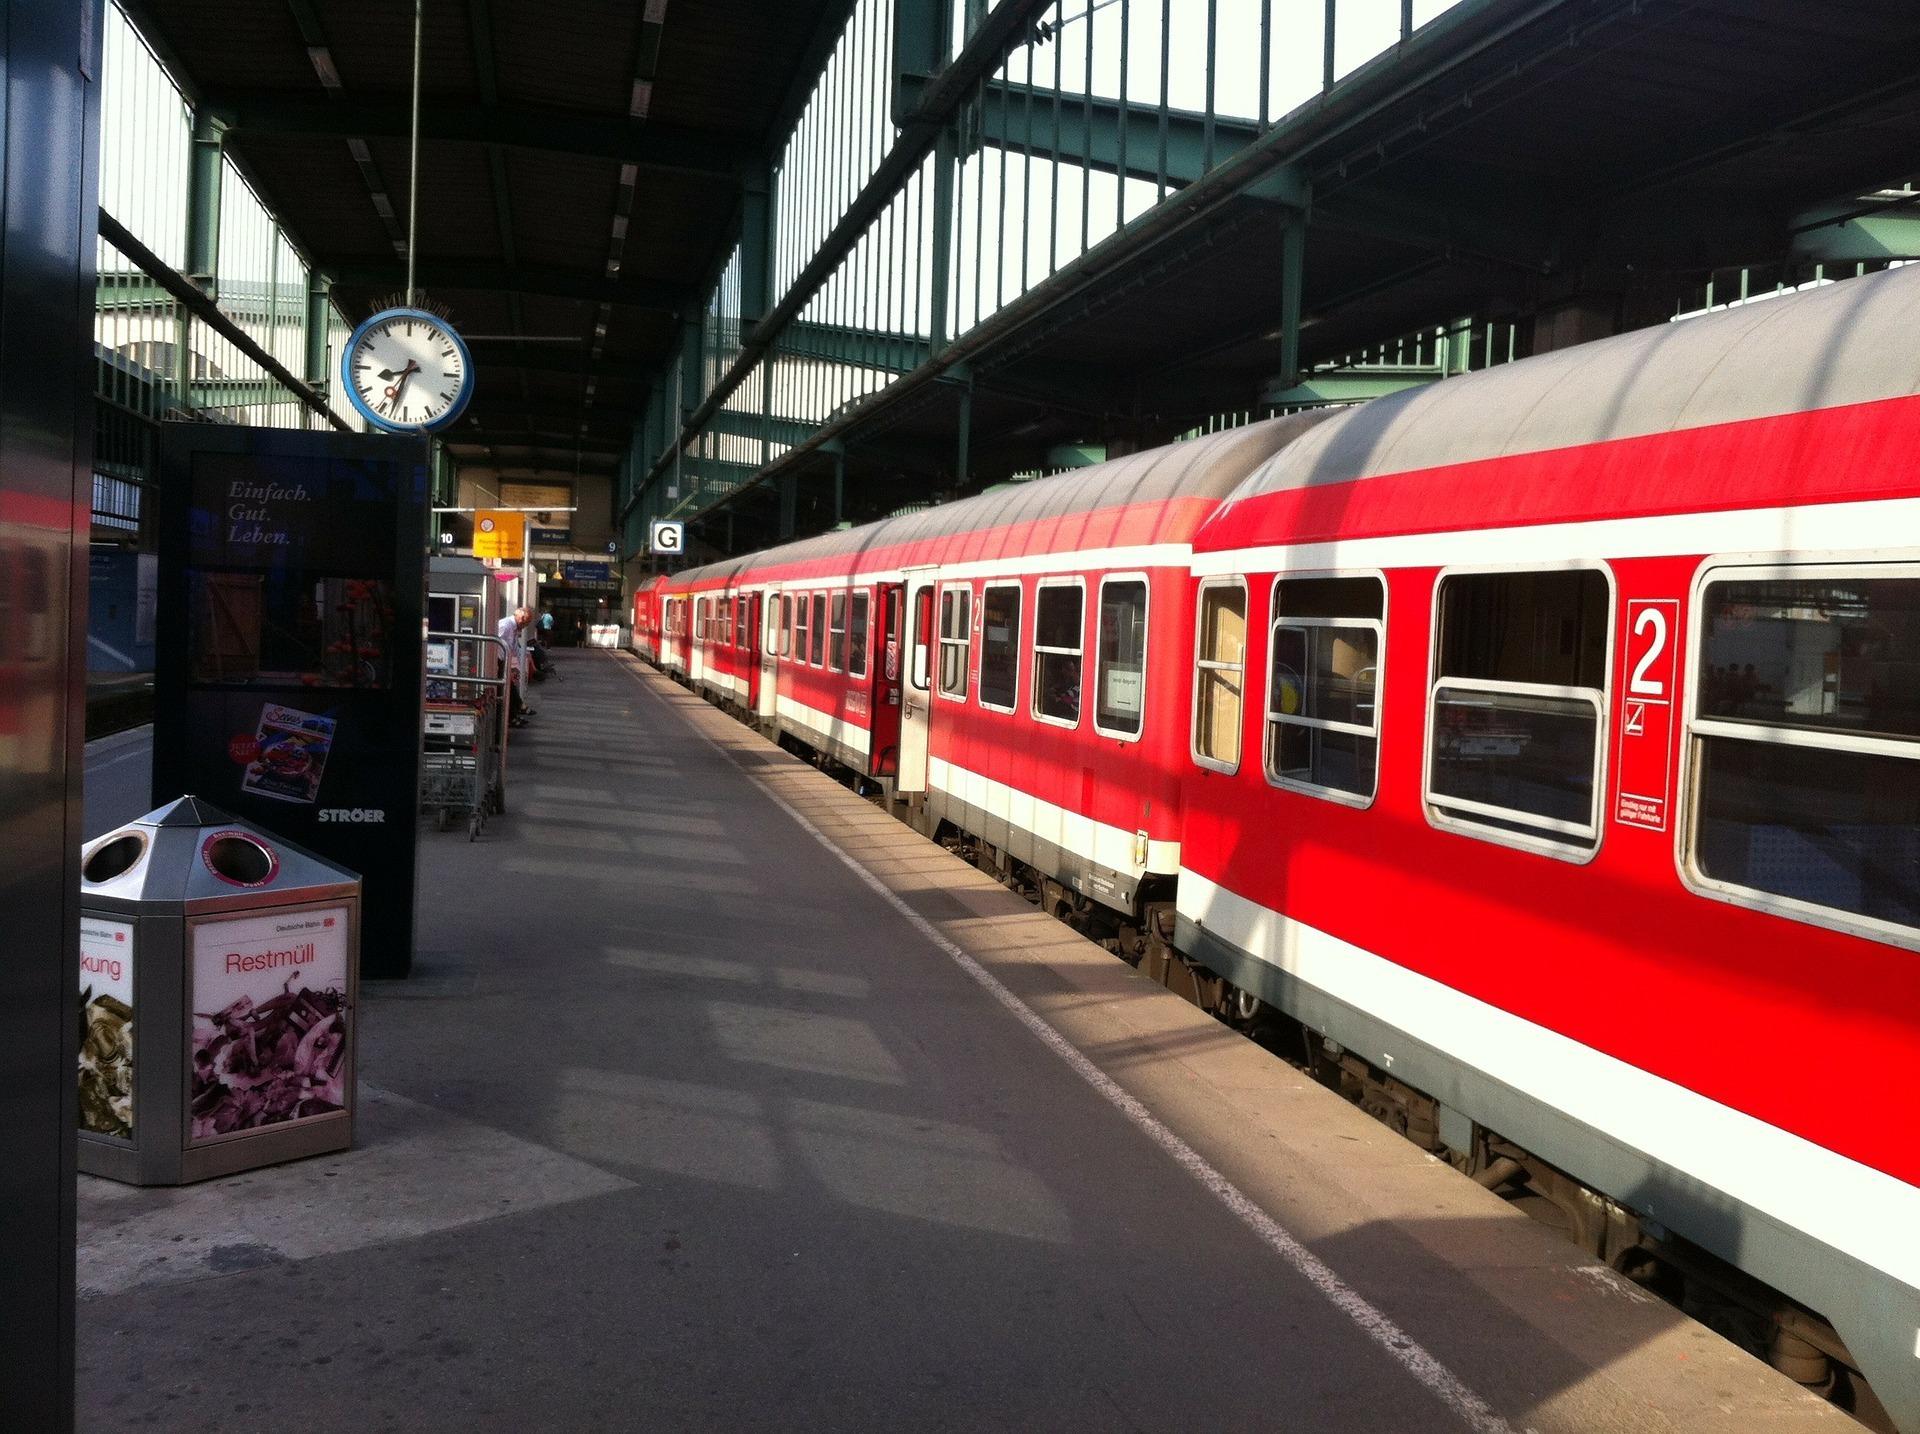 Unbekannter zeigt Mädchen Porno-Video im Zug - Stuttgart